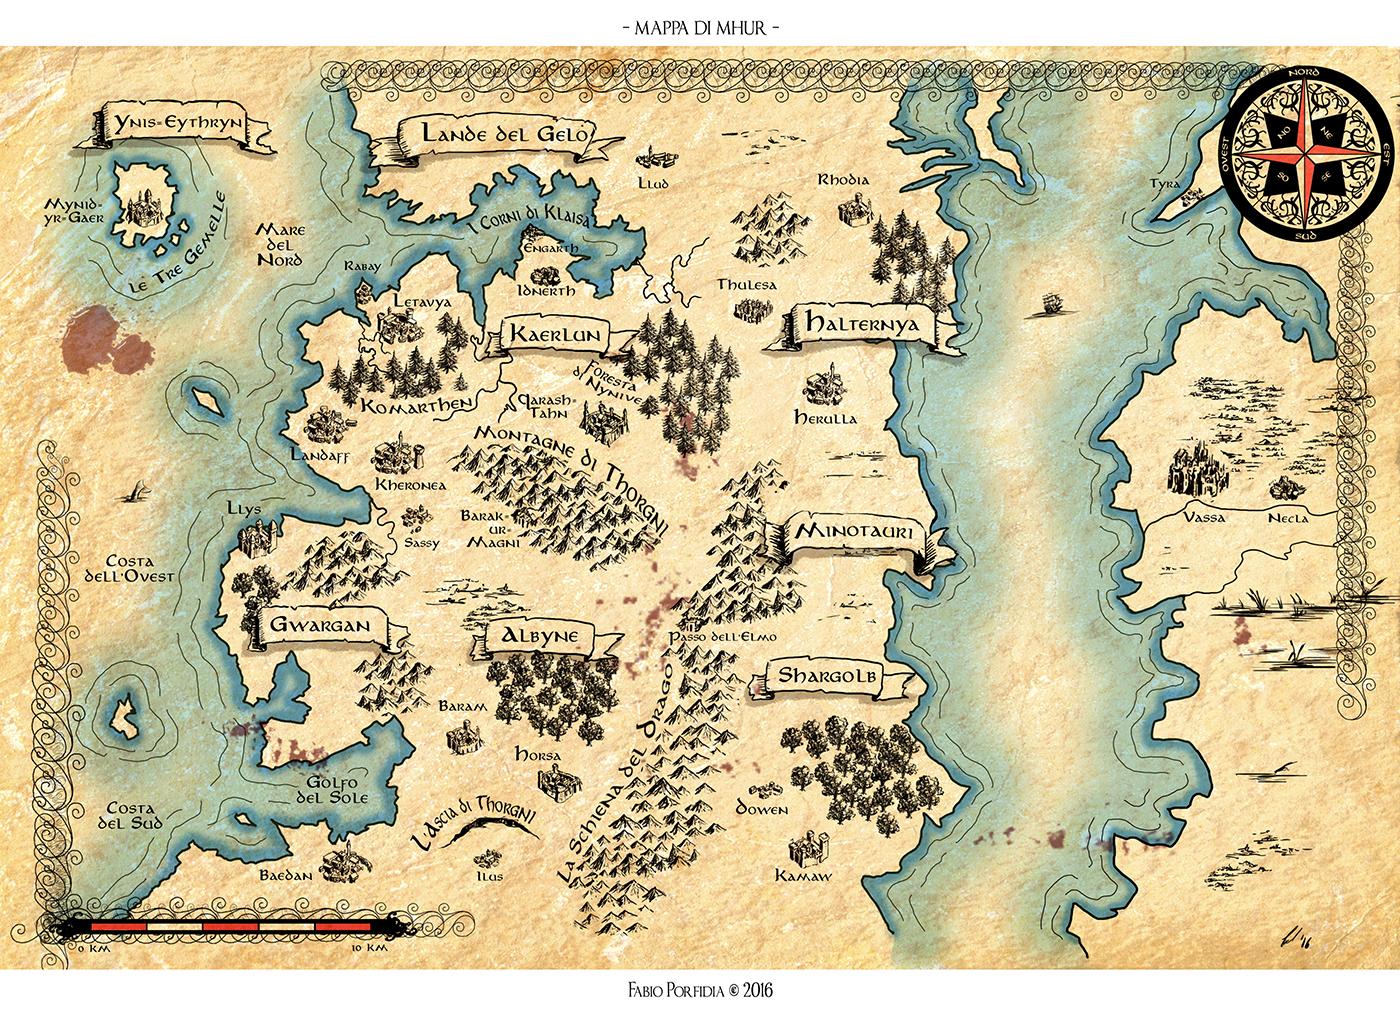 Mappa di Mhur II